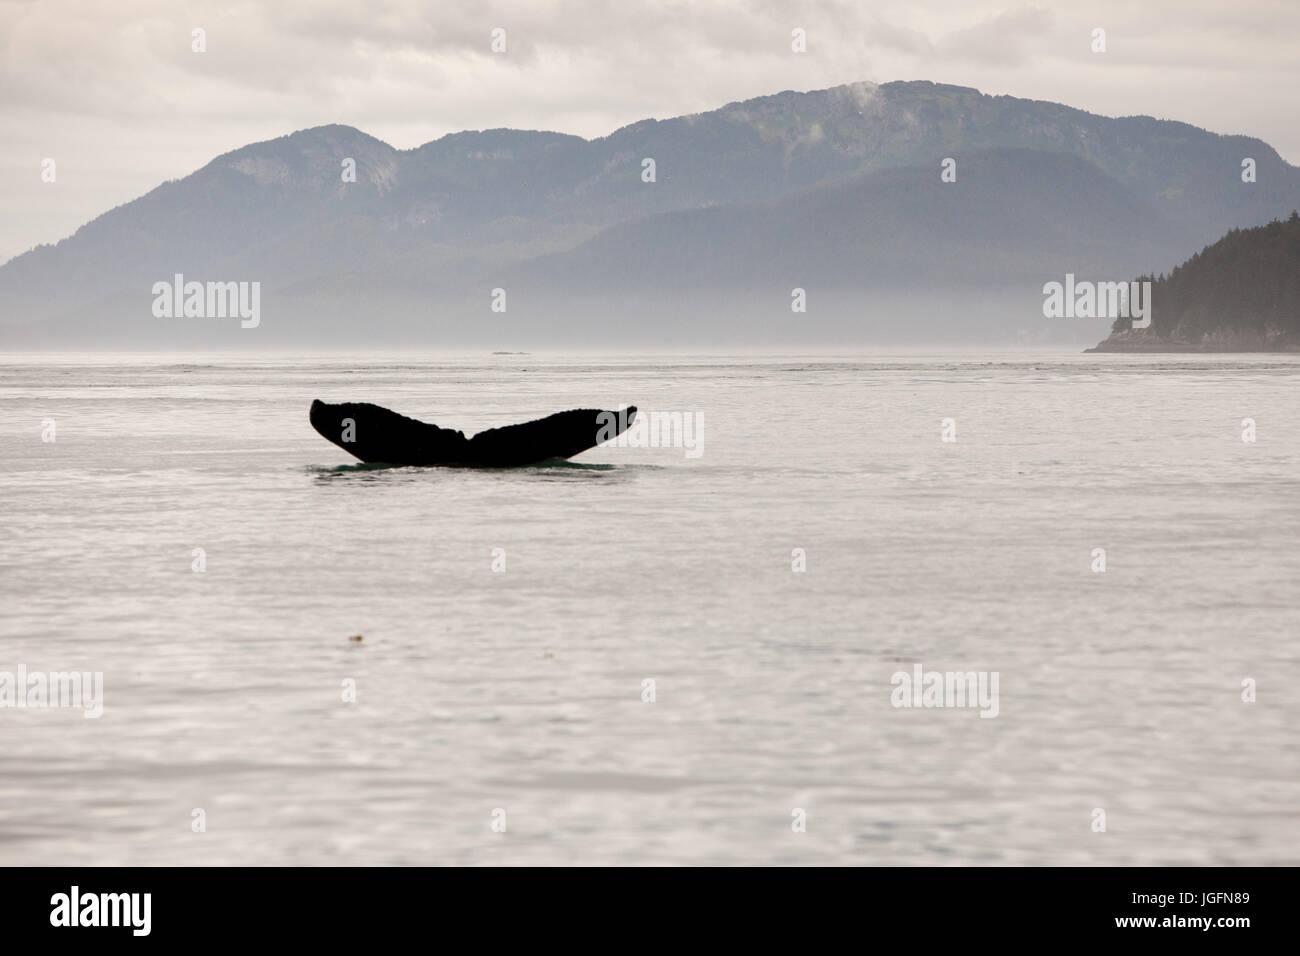 Entre montañas, la aleta de cola de una ballena jorobada, Megaptera novaeangliae, incumple el agua. Foto de stock